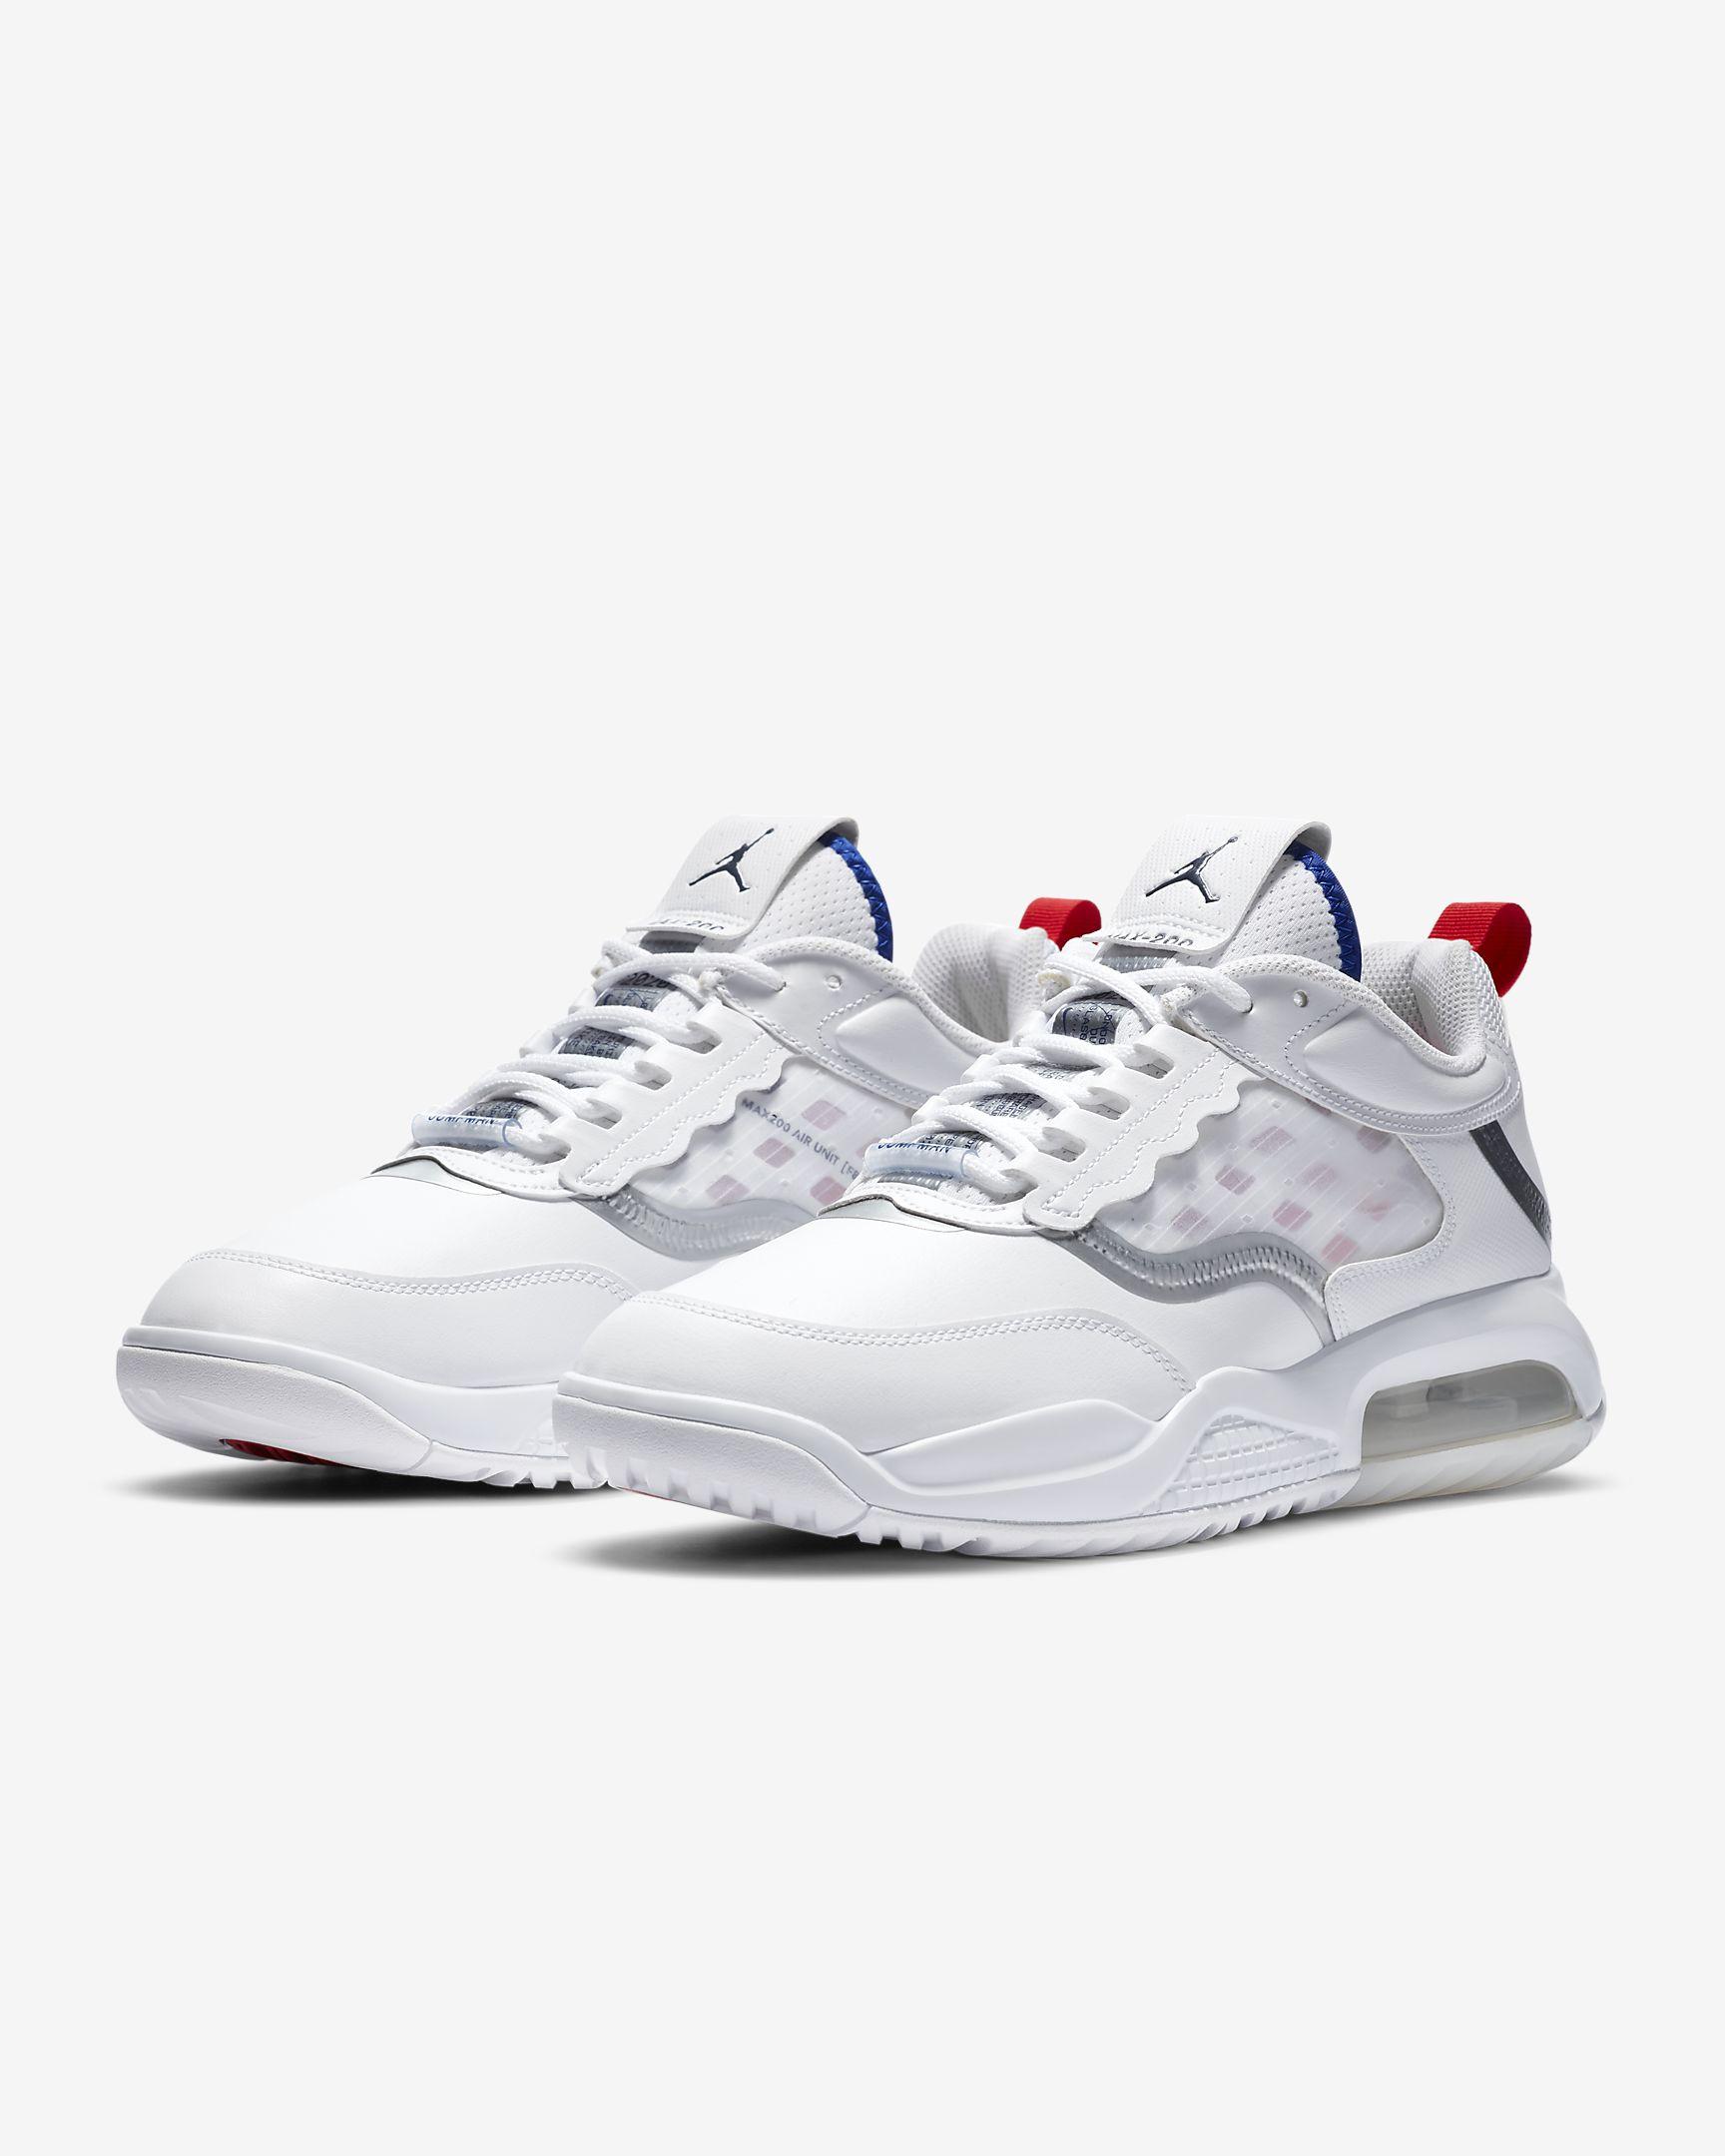 jordan max 200, nike sneakers